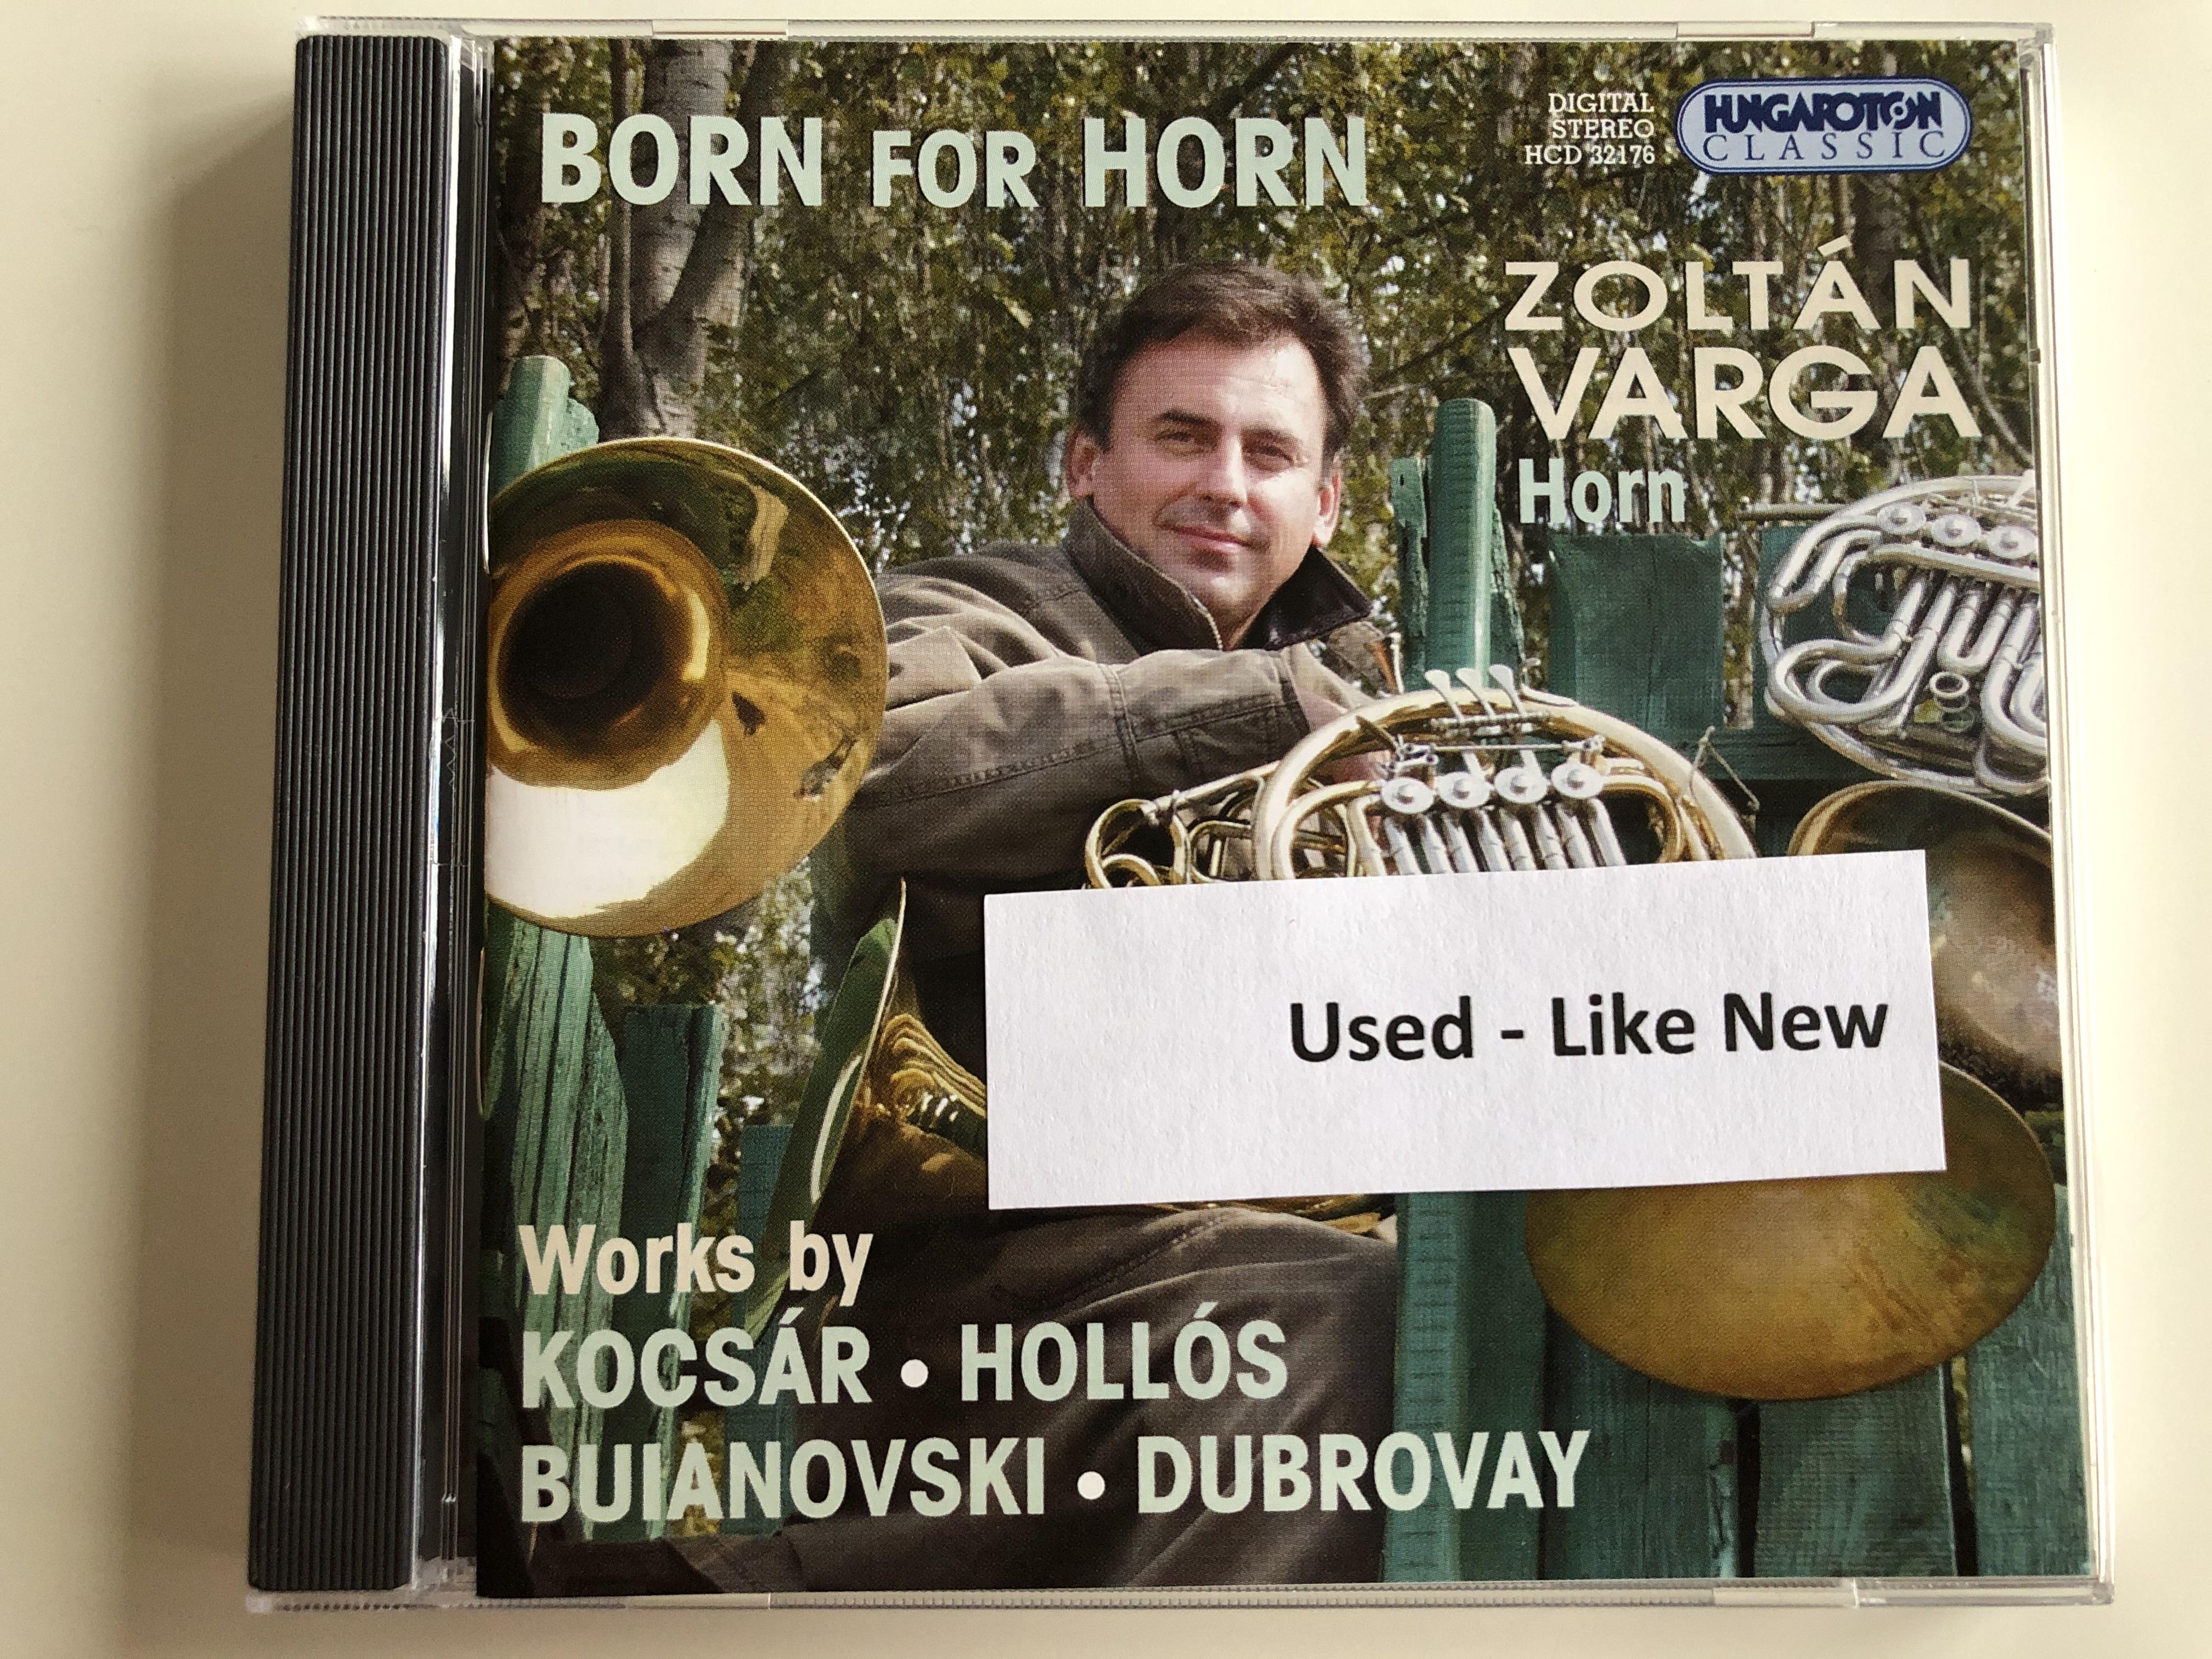 born-for-horn-zolt-n-varga-horn-works-by-kocs-r-holl-s-buianovski-dubrovay-hungaroton-classic-audio-cd-2002-stereo-hcd-32176-1-.jpg